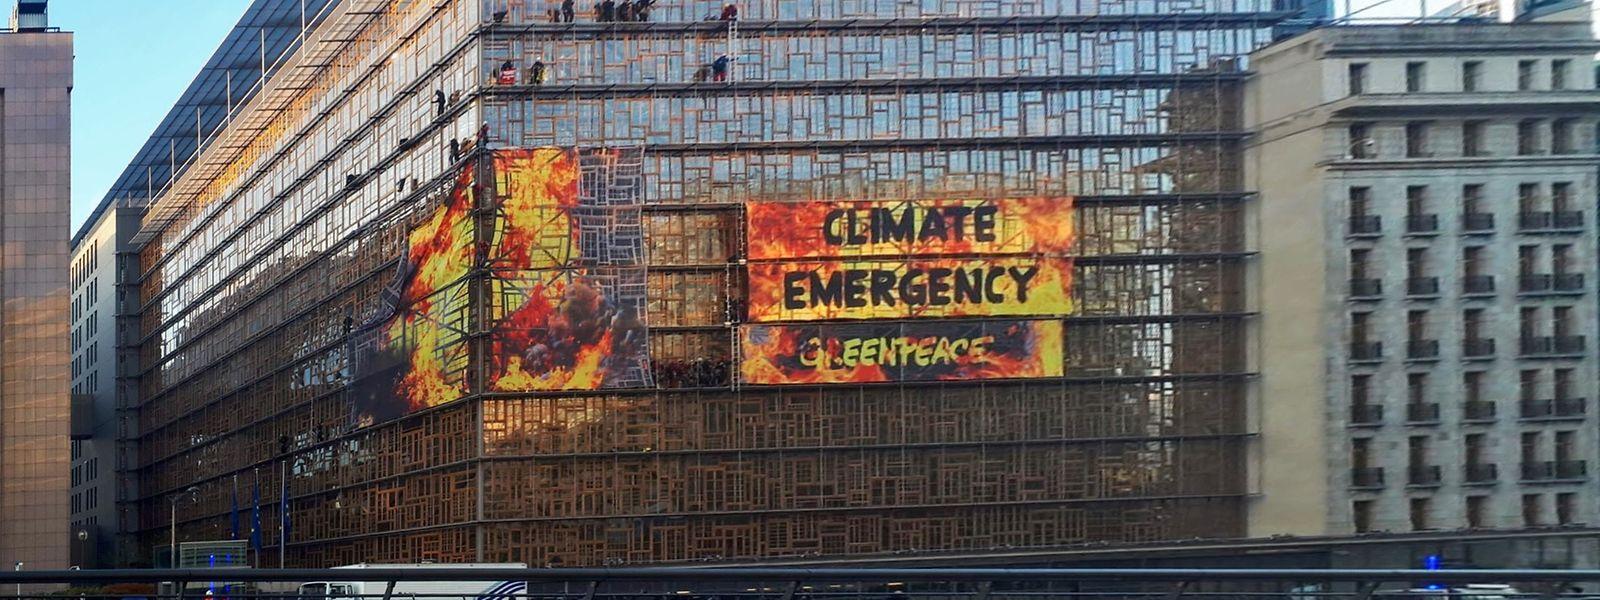 Die Aktivisten an der Fassade des Gebäudes des Europäischen Rats in Brüssel.